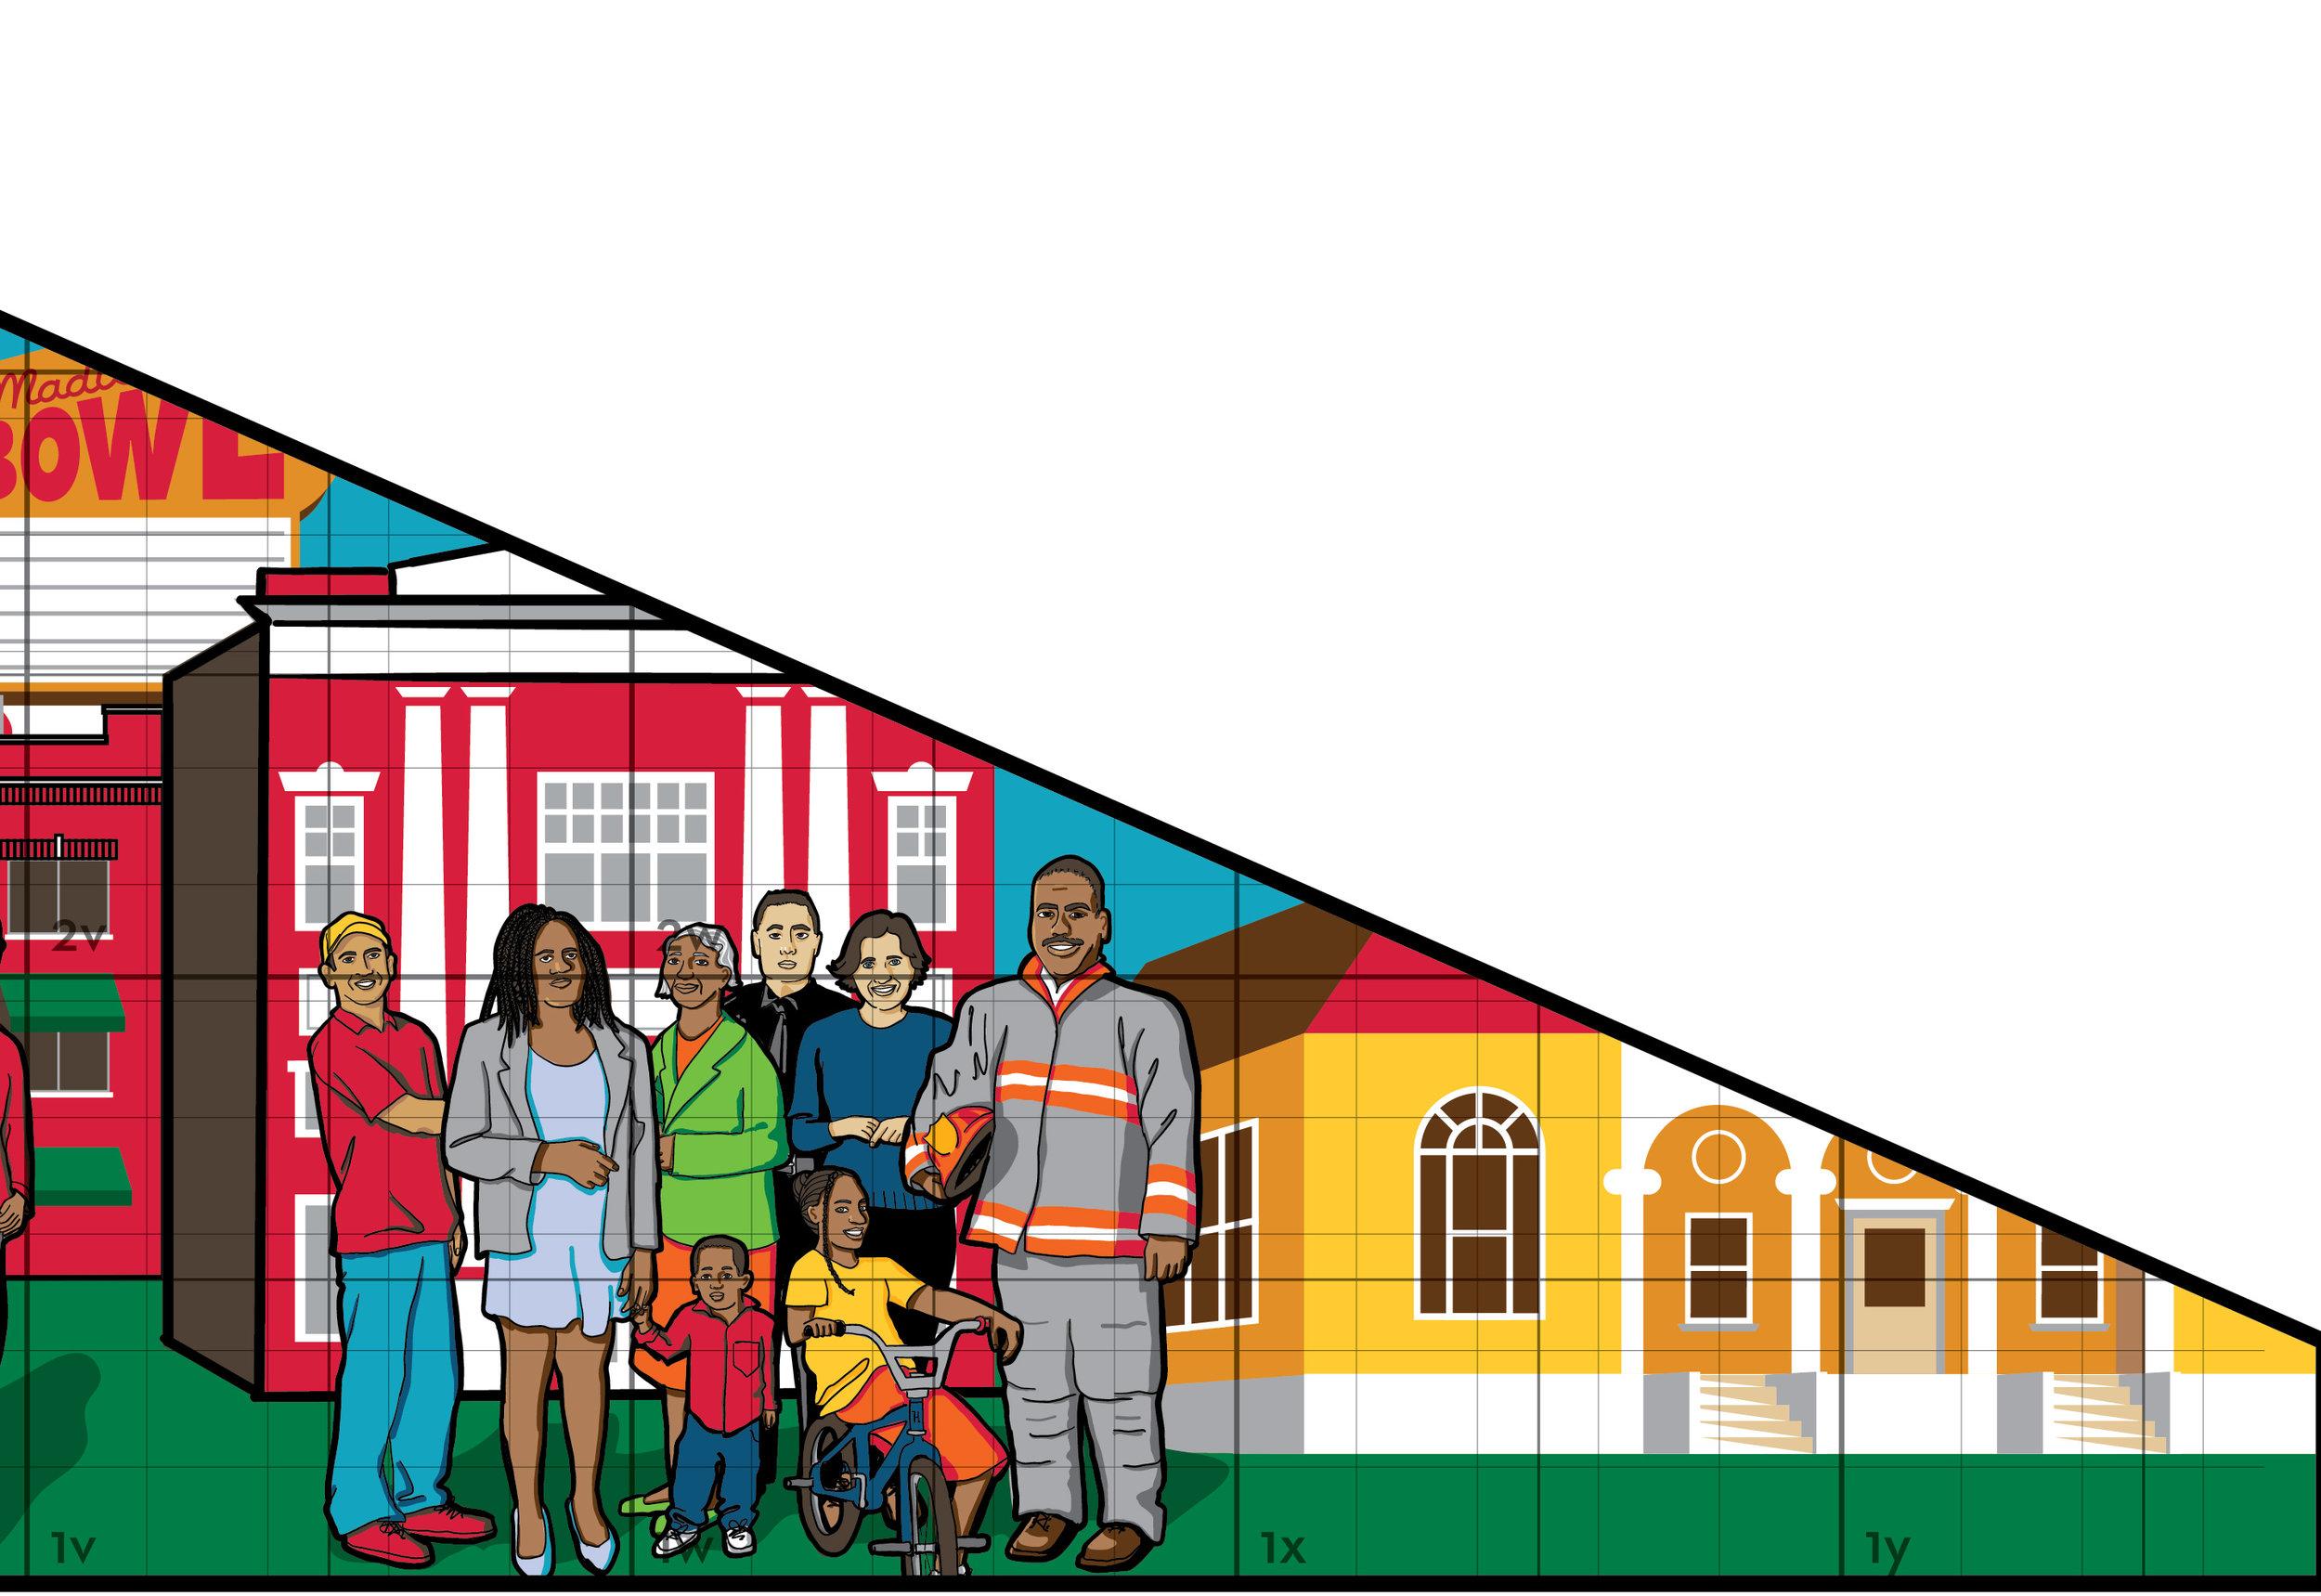 170610_Madisonville_Mural_Illustrated_WIP_Madville_2018.jpg